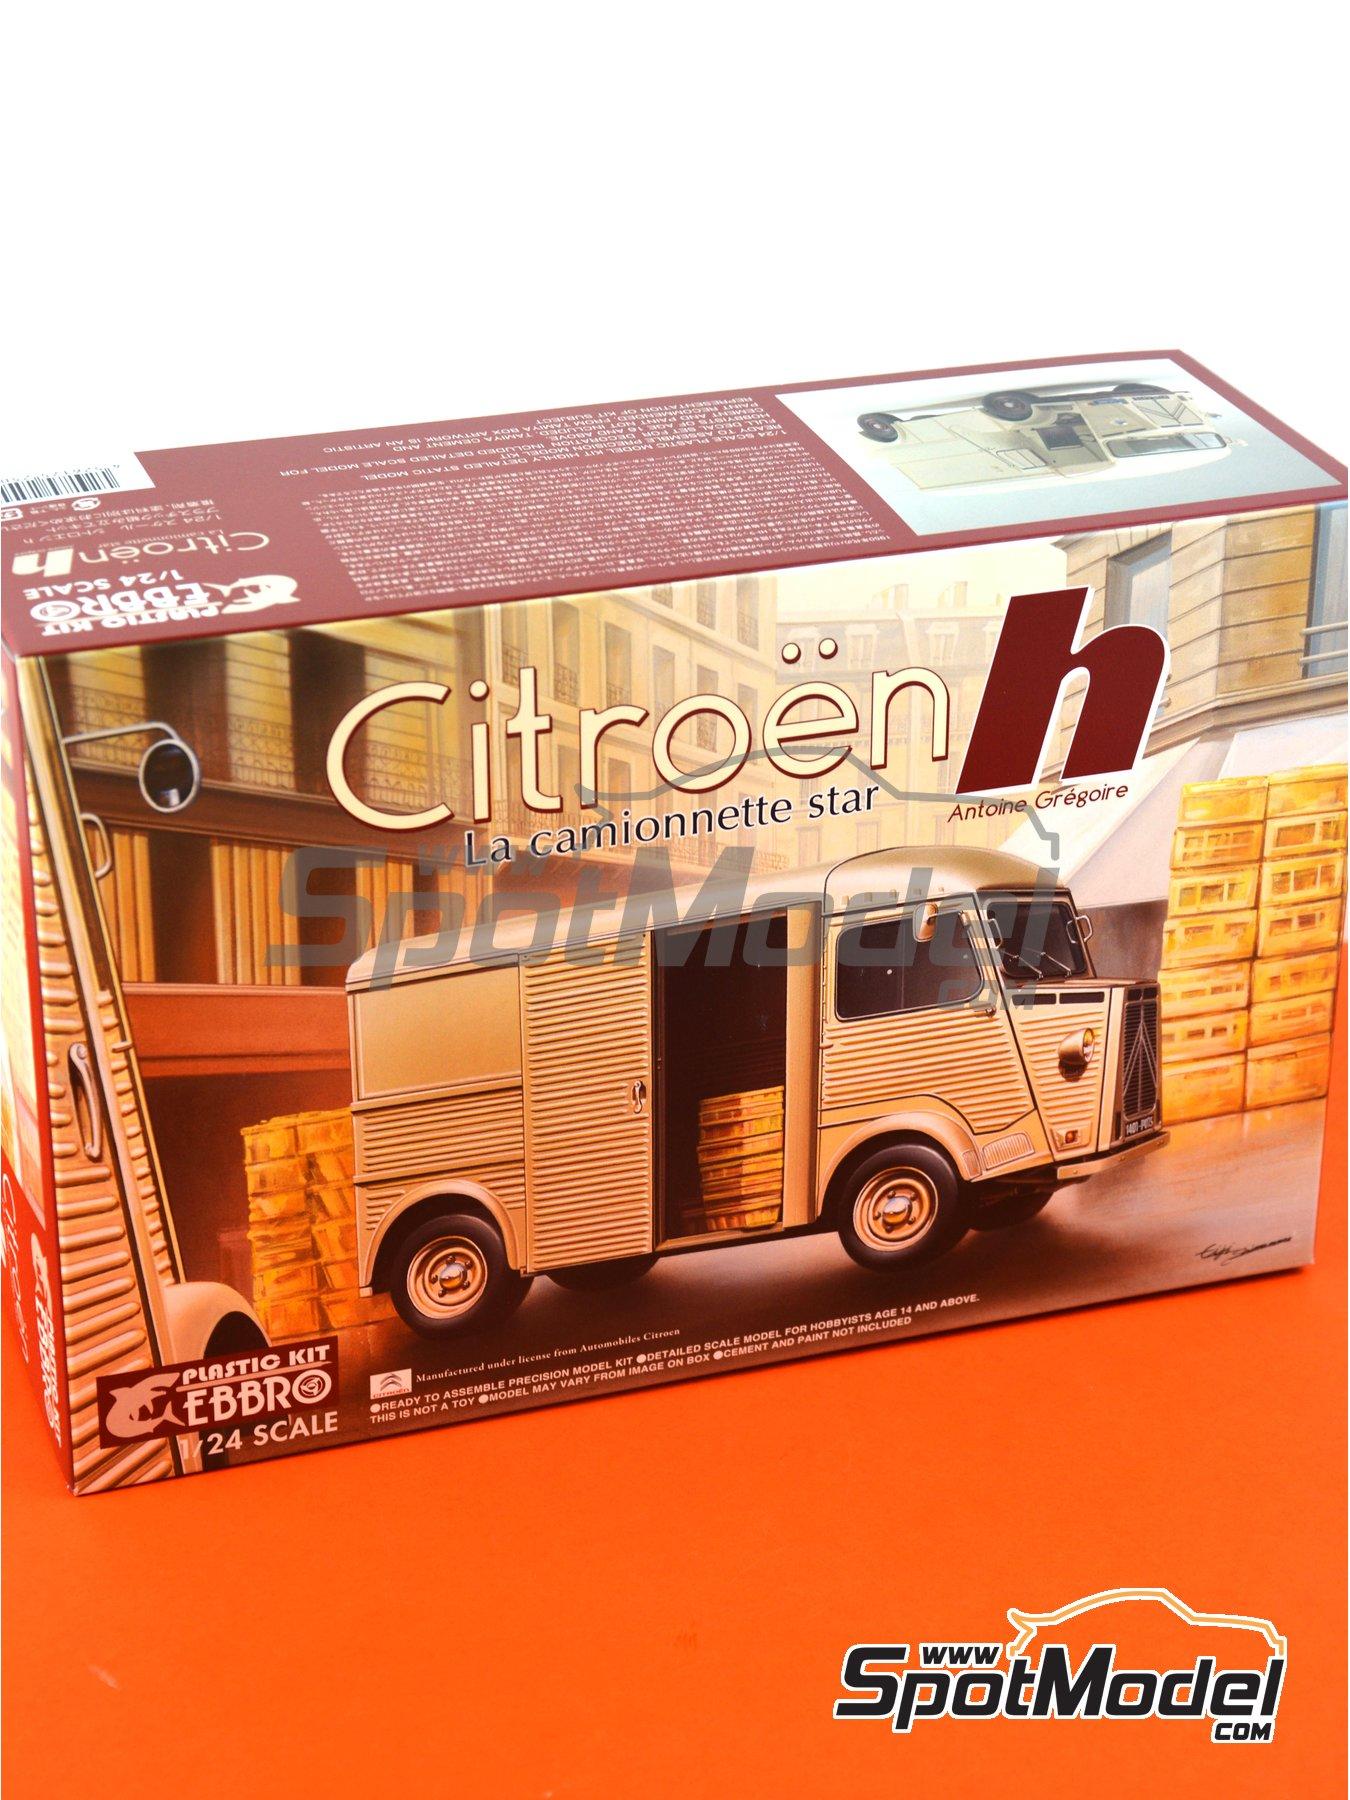 Citroën H Van | Model van kit in 1/24 scale manufactured by Ebbro (ref.EBR25007) image